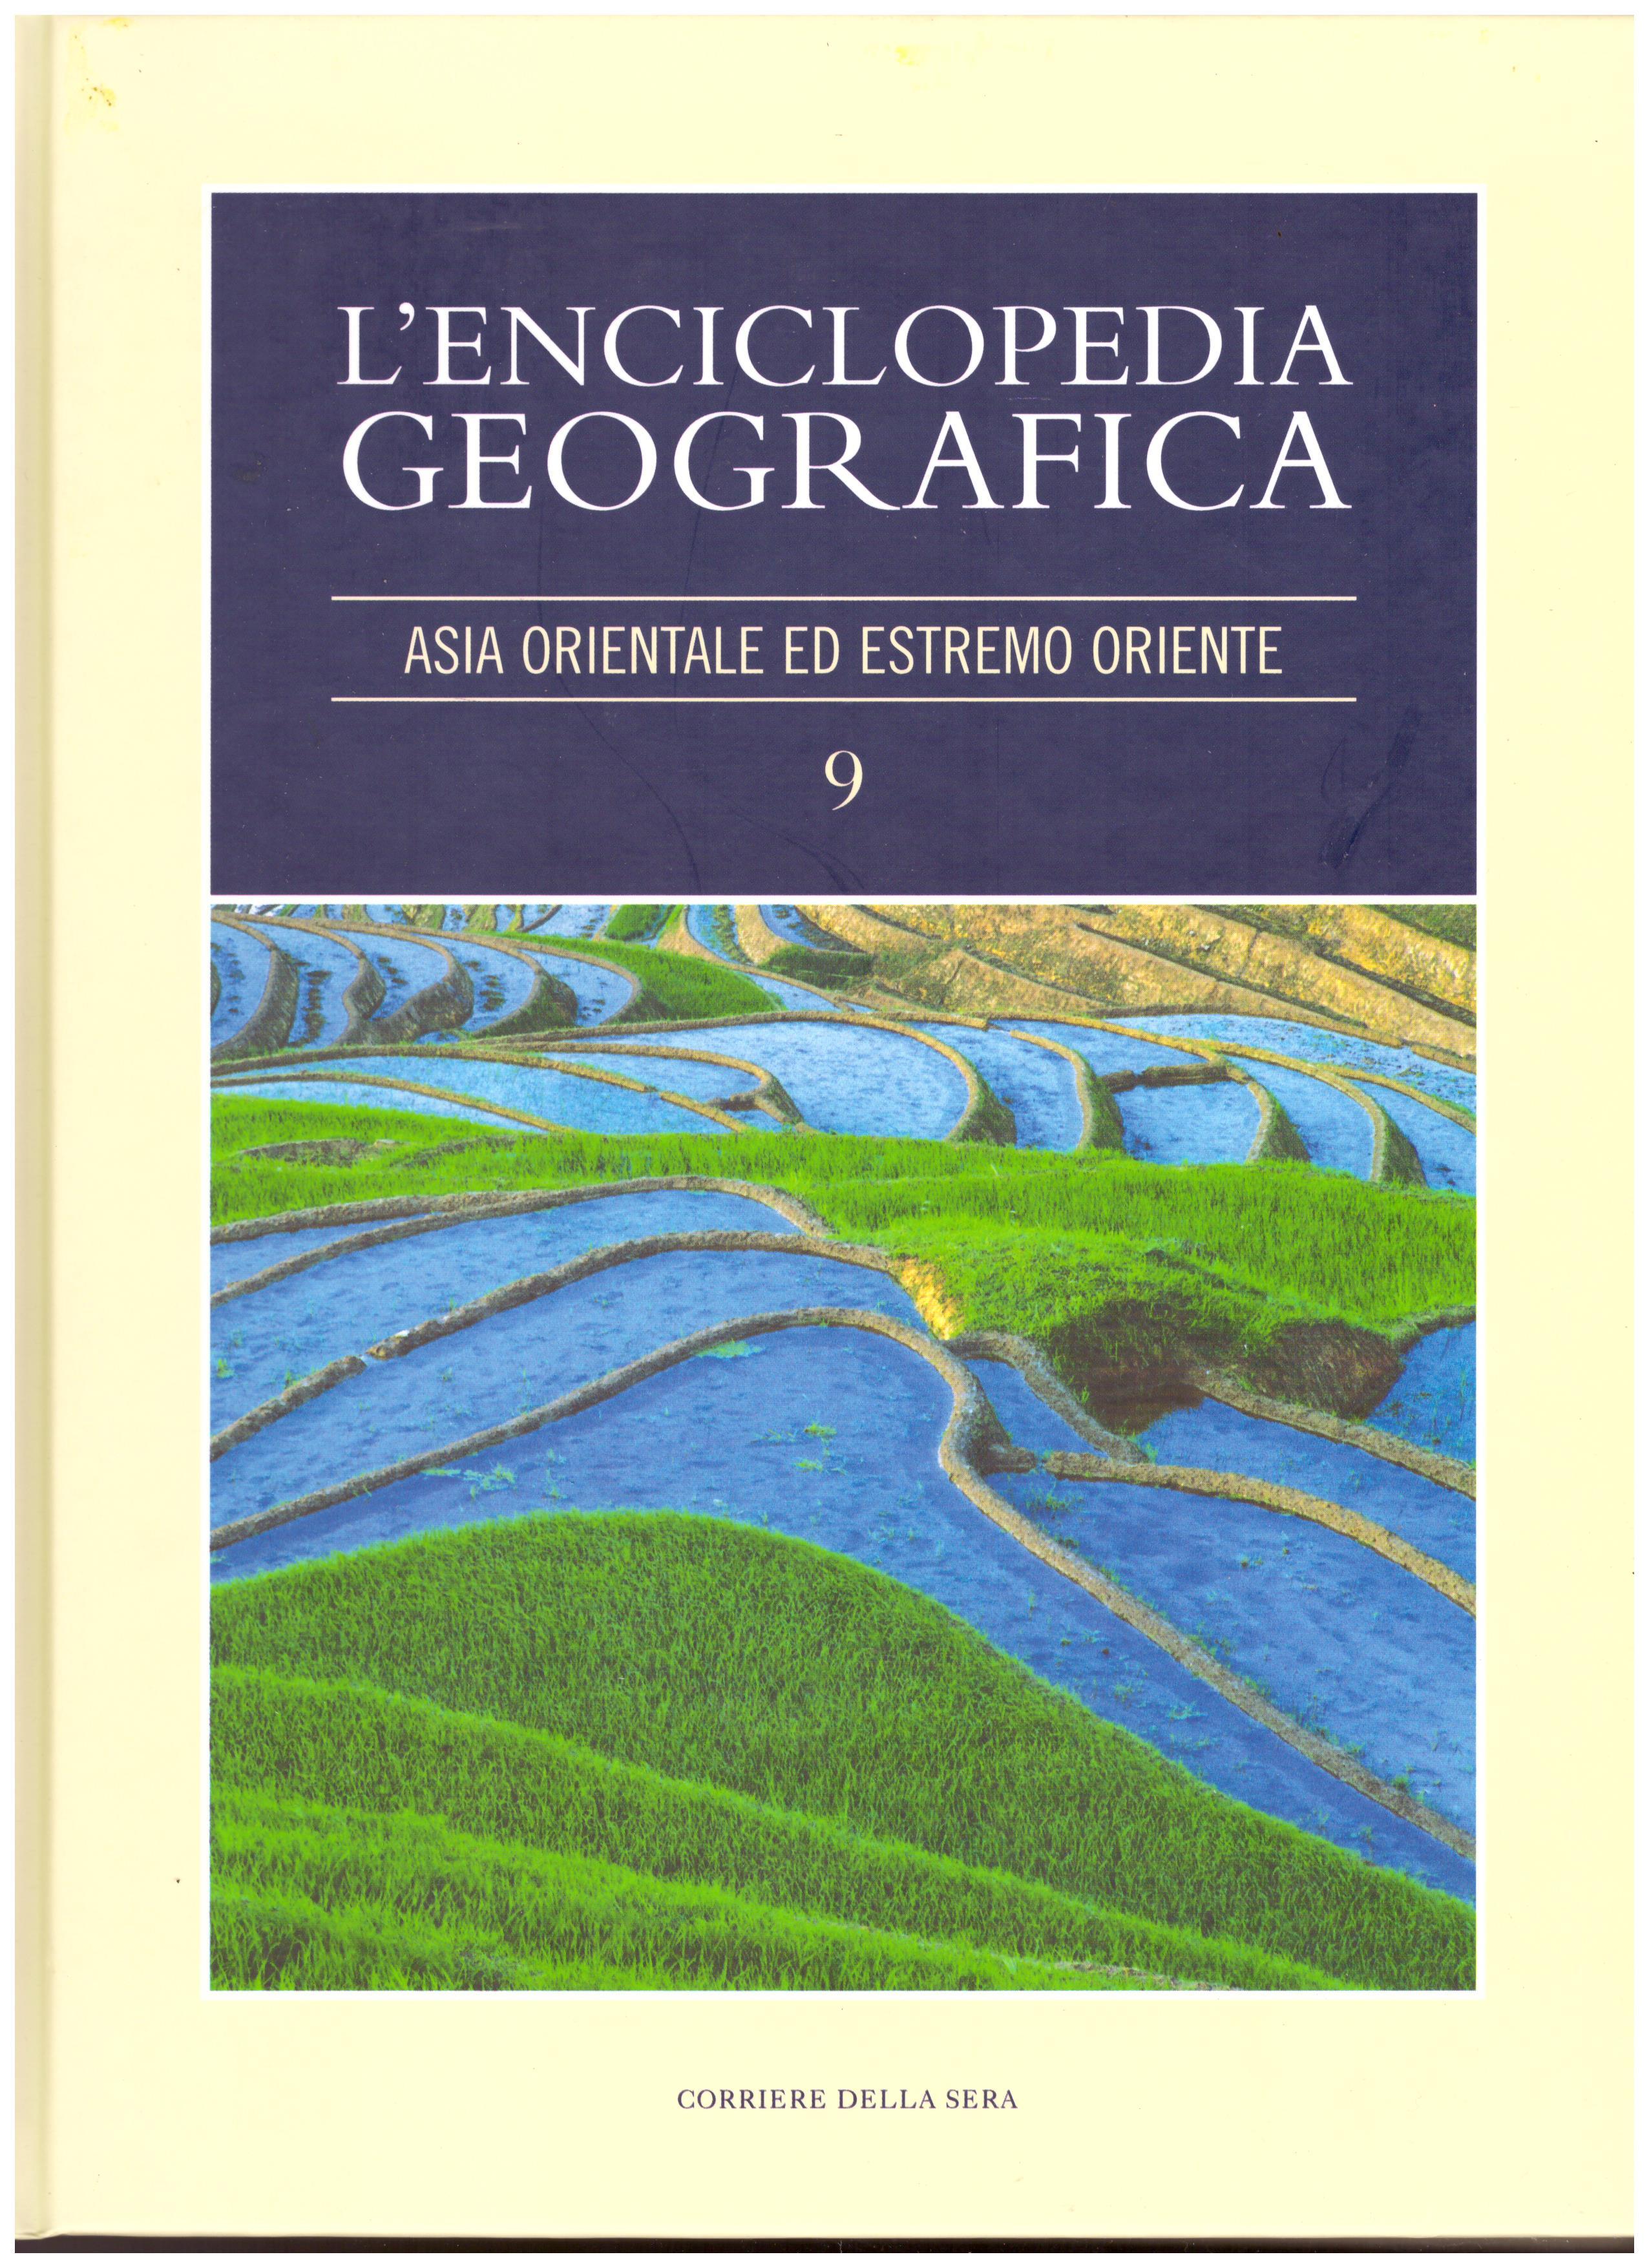 Titolo: L'enciclopedia della geografia, n.9  Asia orientale ed estremo oriente Autore : AA.VV.  Editore: corriere della sera